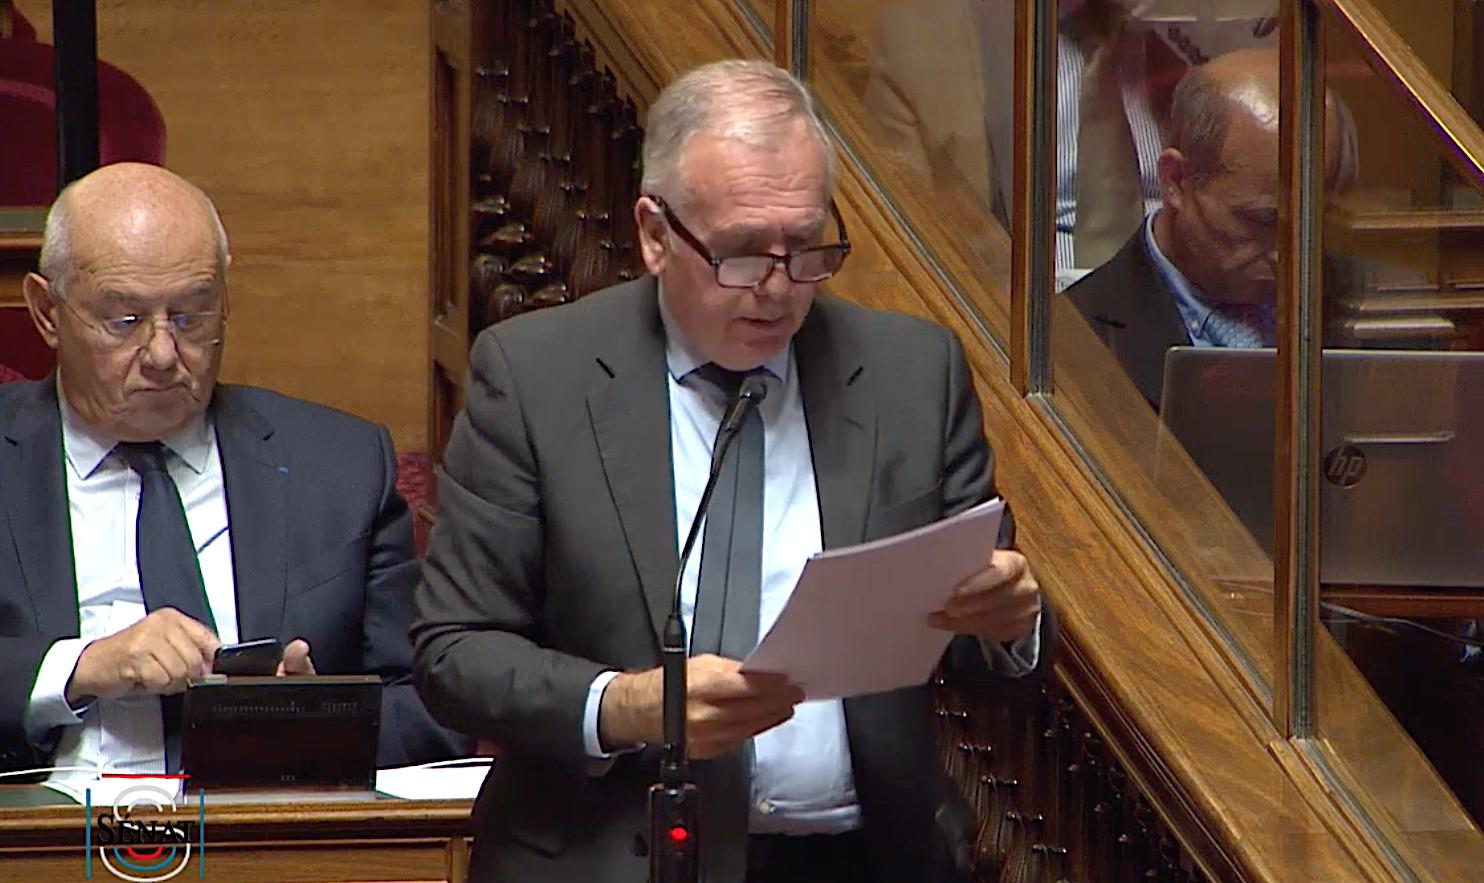 Fiscalité successorale et assainissement cadastral : les amendements de Jean-Jacques Panunzi